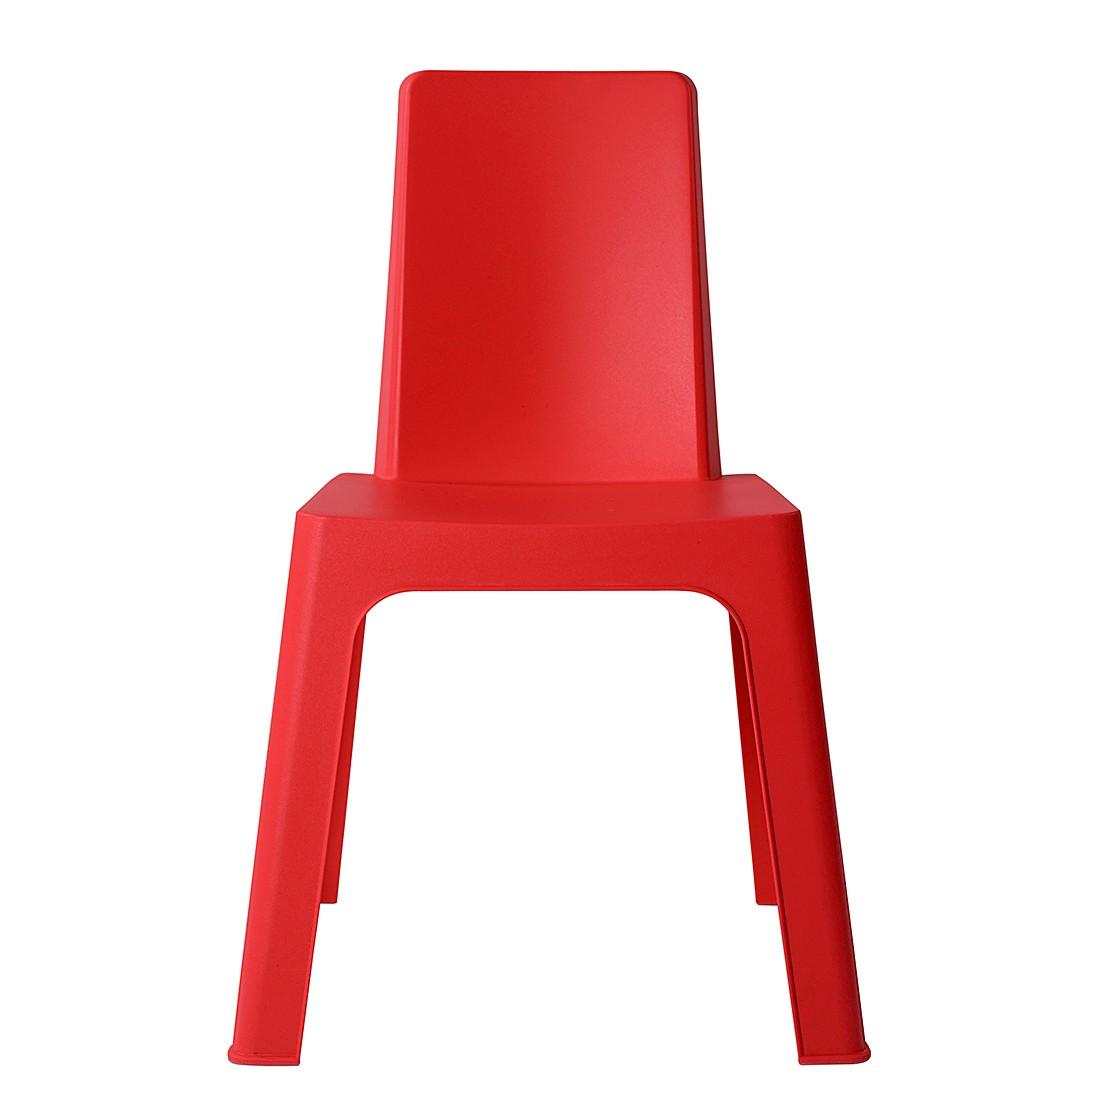 Home 24 - Chaise pour enfant julieta (lot de 2) - rouge, kids club collection